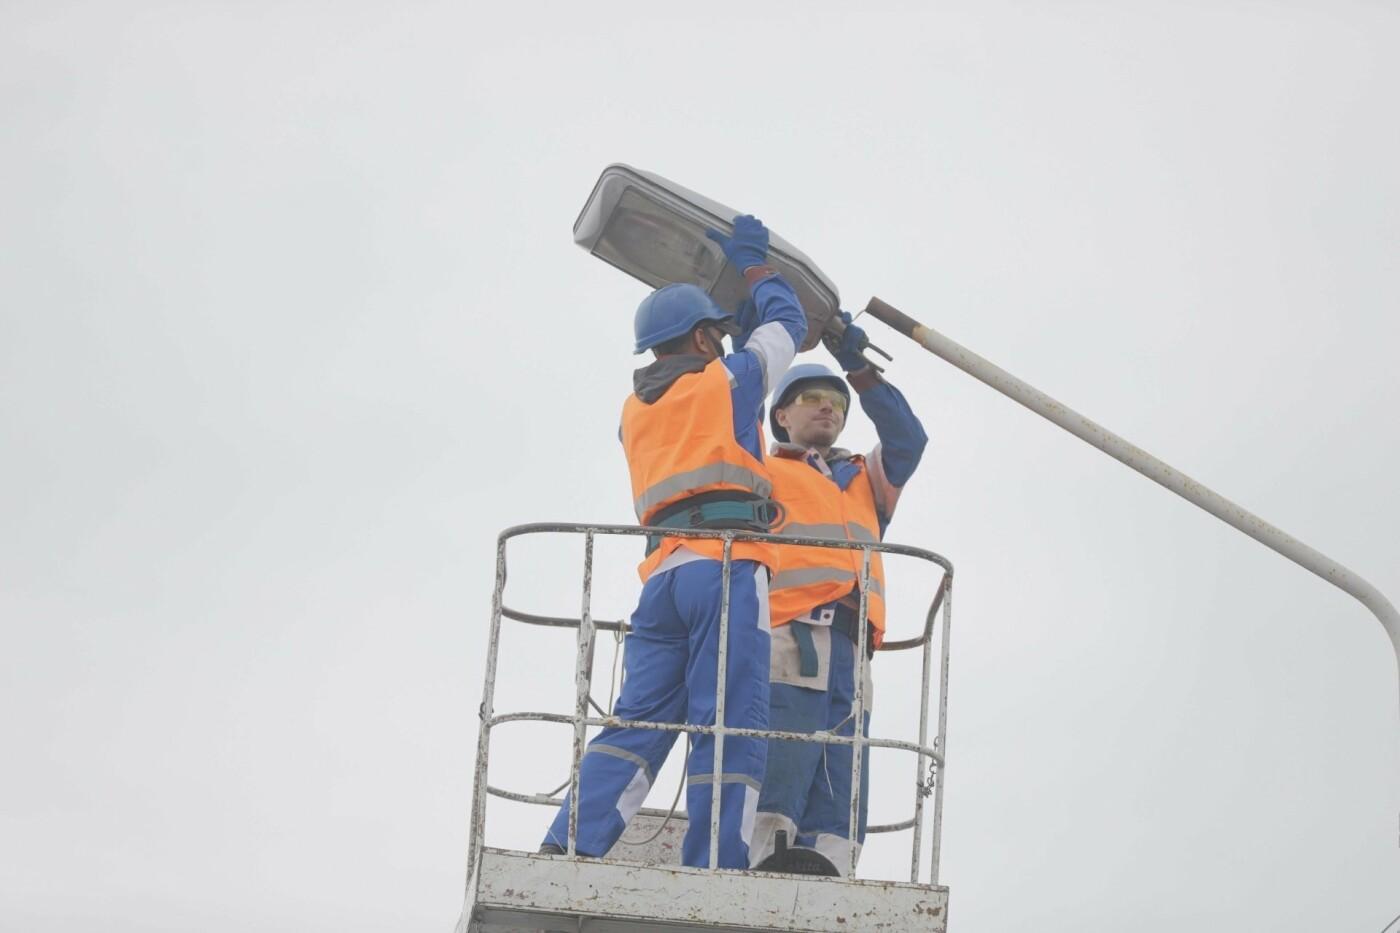 В Днепре продолжают модернизировать уличное освещение, - ФОТО, фото-3